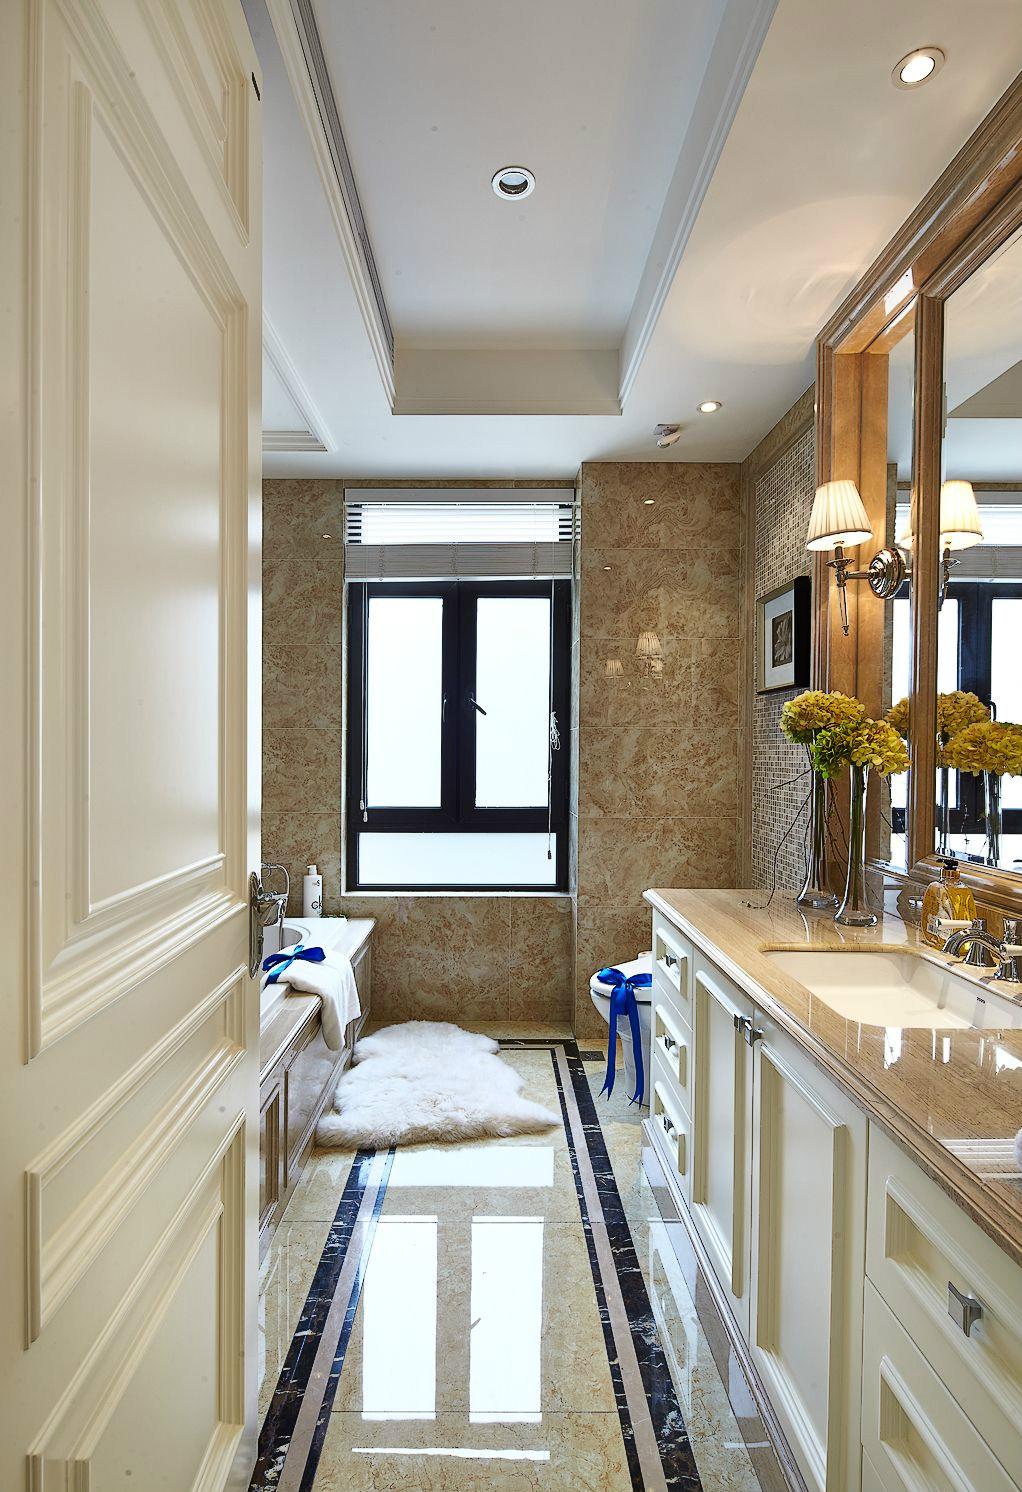 白色质感大理石的卫生间以简洁和纯净来与自然接近,复古马赛克的点缀让空间颇有格调。